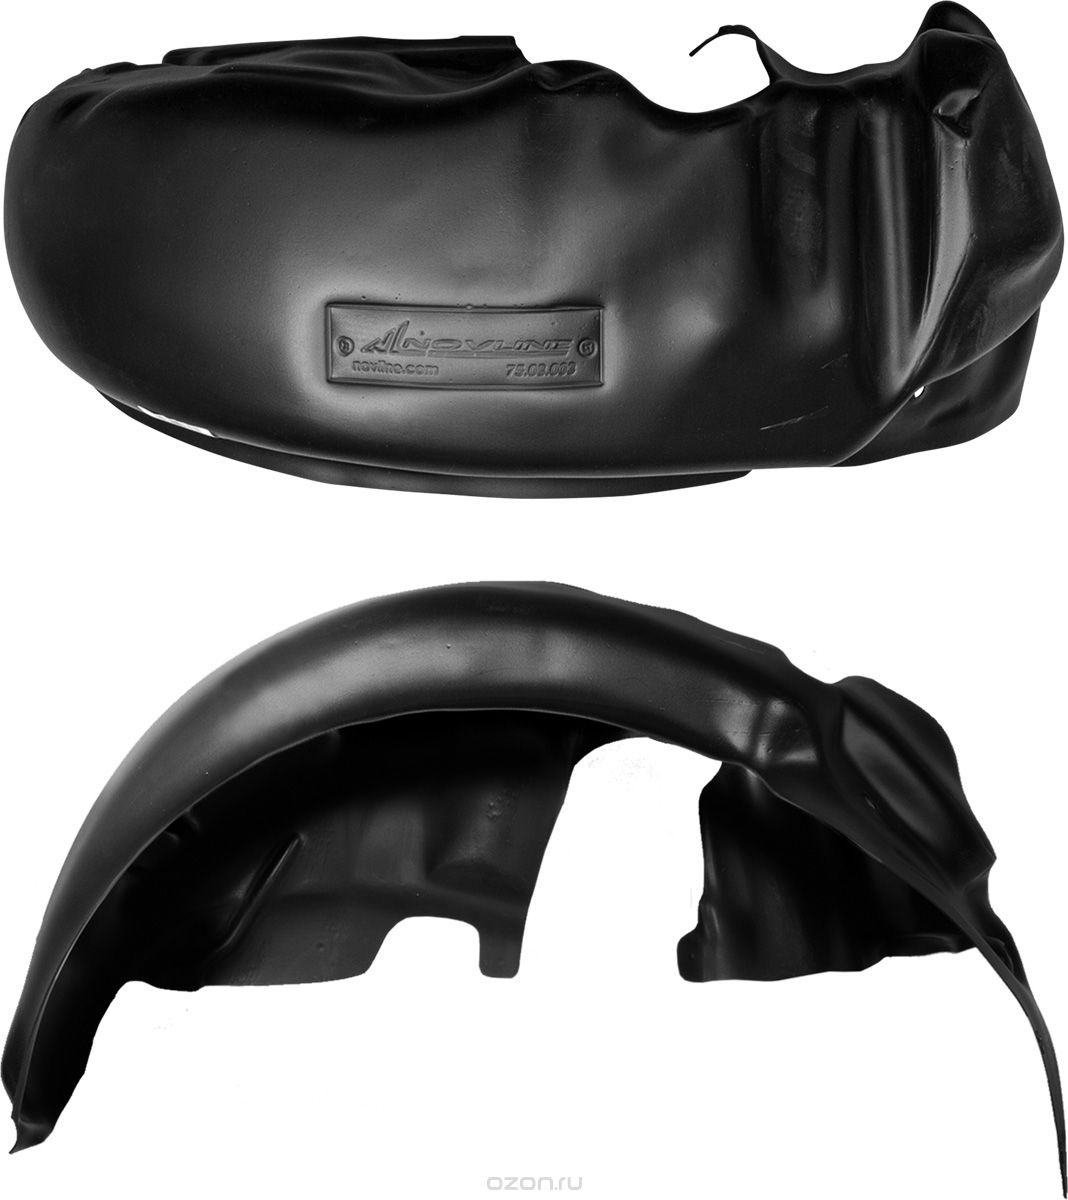 Подкрылок Novline-Autofamily, для Toyota Camry, 2014->, задний правыйNLL.48.60.004Идеальная защита колесной ниши. Локеры разработаны с применением цифровых технологий, гарантируют максимальную повторяемость поверхности арки. Изделия устанавливаются без нарушения лакокрасочного покрытия автомобиля, каждый подкрылок комплектуется крепежом. Уважаемые клиенты, обращаем ваше внимание, что фотографии на подкрылки универсальные и не отражают реальную форму изделия. При этом само изделие идет точно под размер указанного автомобиля.